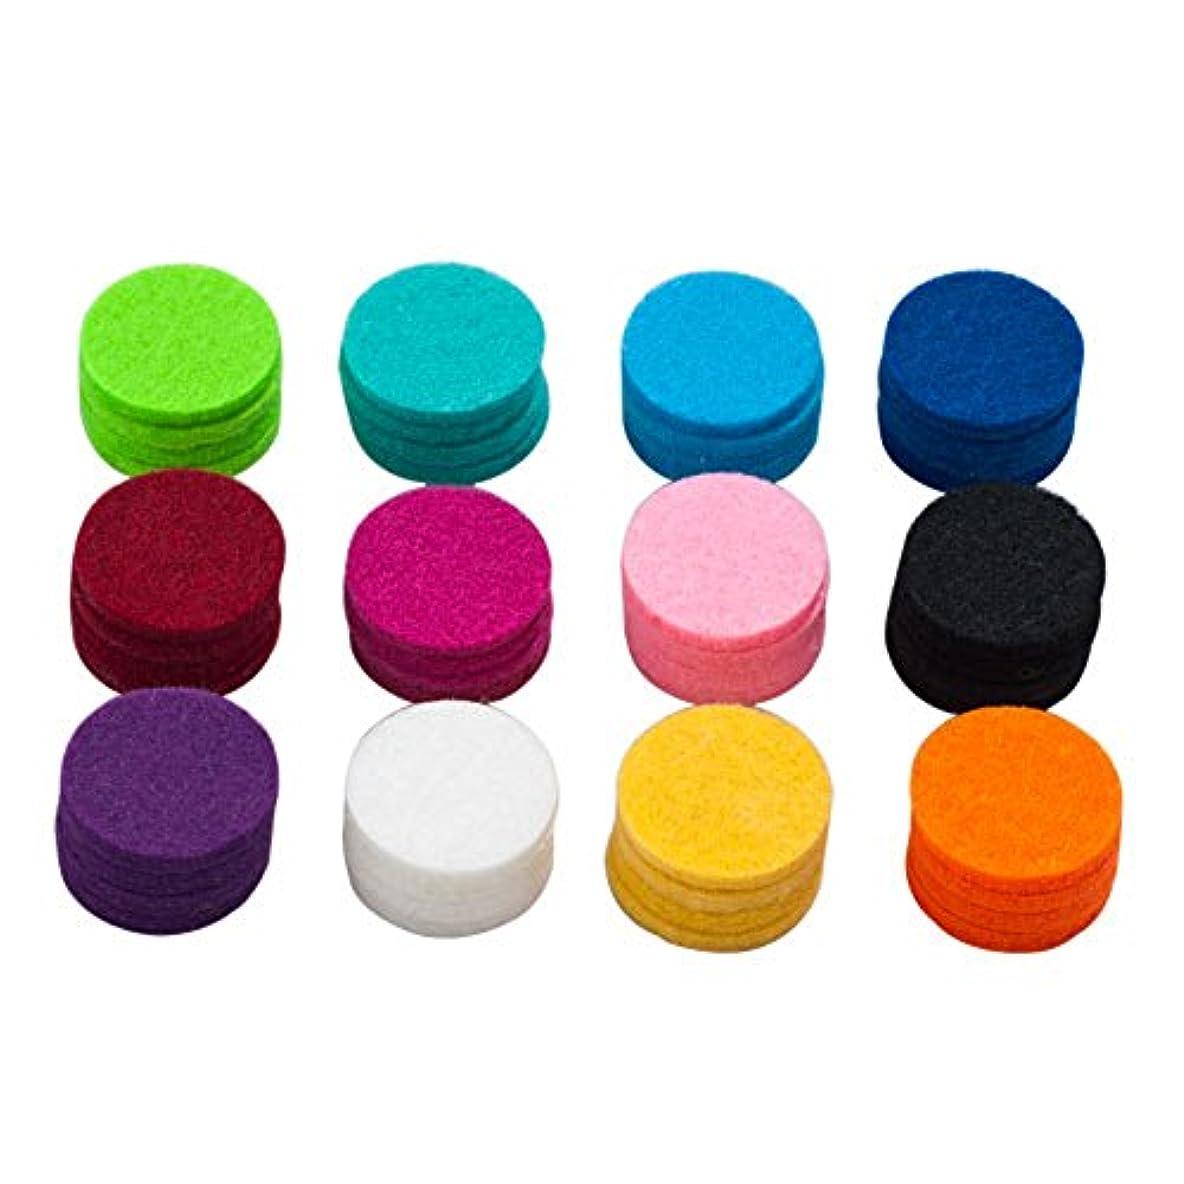 退院制限危機lovelycharms Aromatherapy Essential Oil DiffuserネックレスRefill Pads for 30 mmロケットネックレス